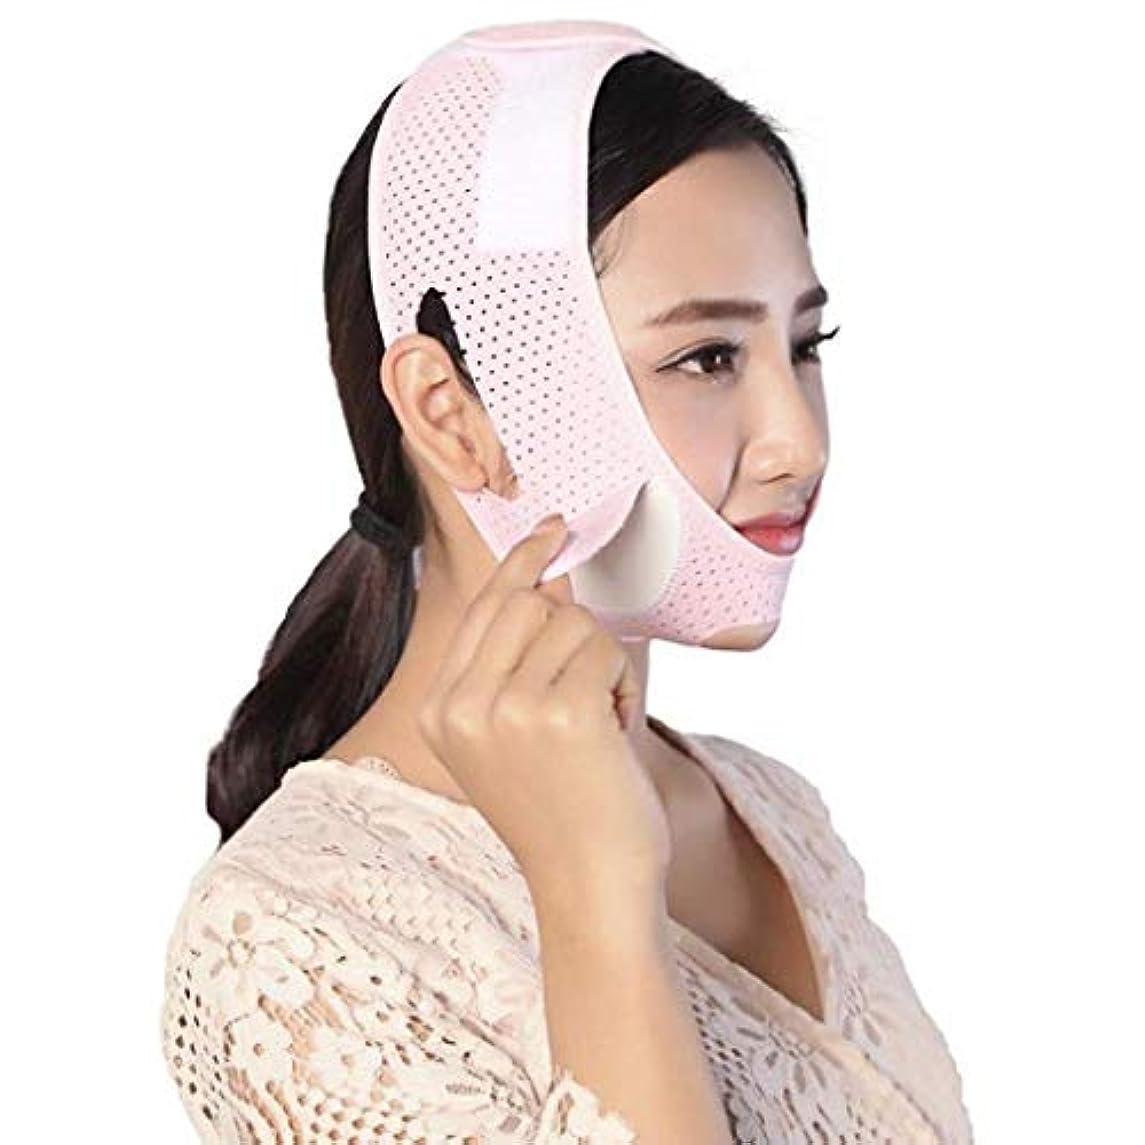 コードレス厳しいコジオスコVフェイスリフティング痩身Vフェイスマスクフルカバレッジ包帯減らす顔の二重あごケア減量美容ベルト通気性